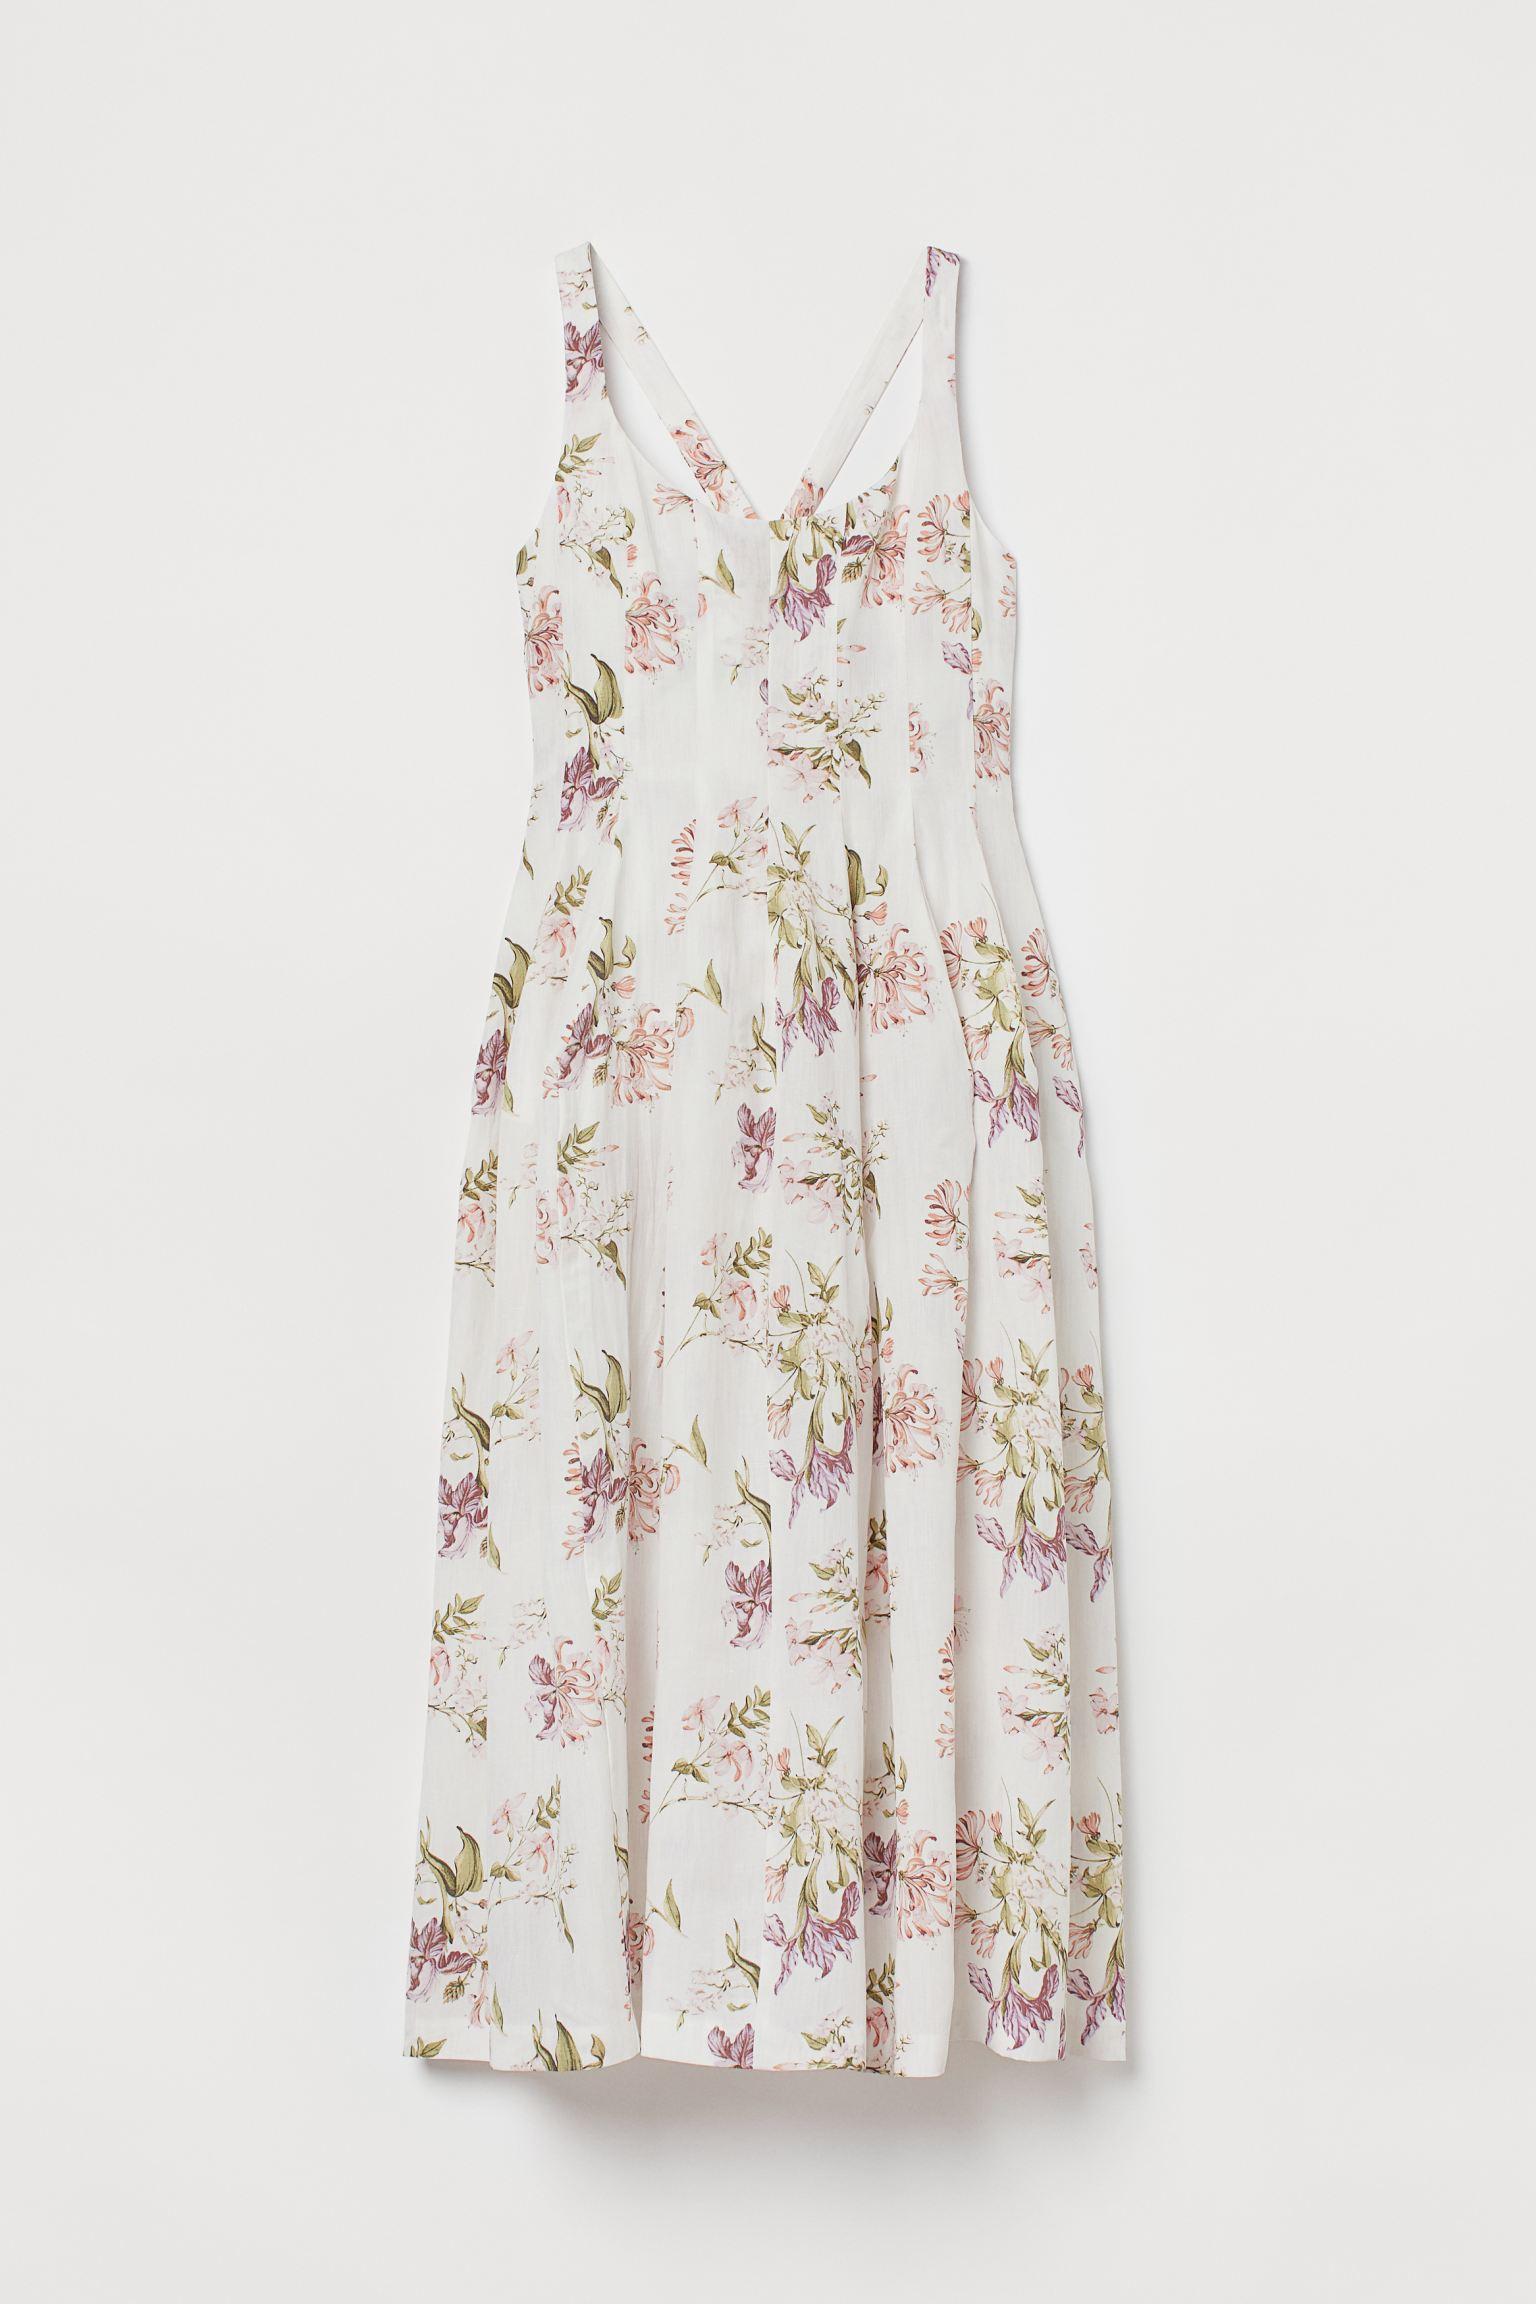 Blomstrete kjole fra designsamarbeid